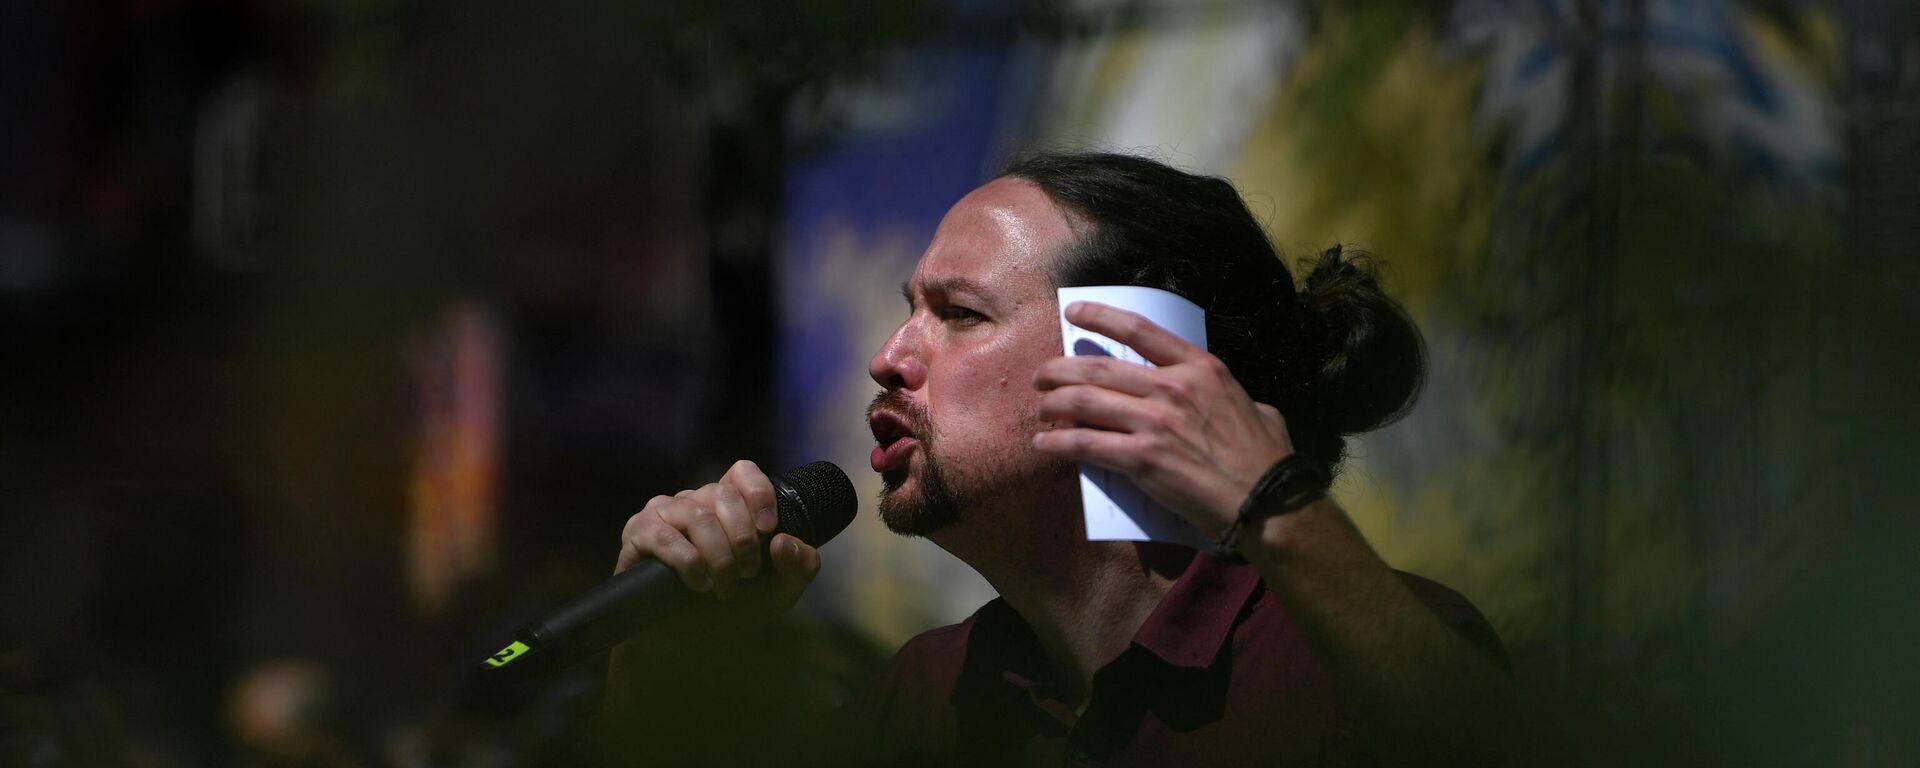 Pablo Iglesias durante un acto de campaña en Madrid, 18 de abril de 2021 - Sputnik Mundo, 1920, 06.05.2021